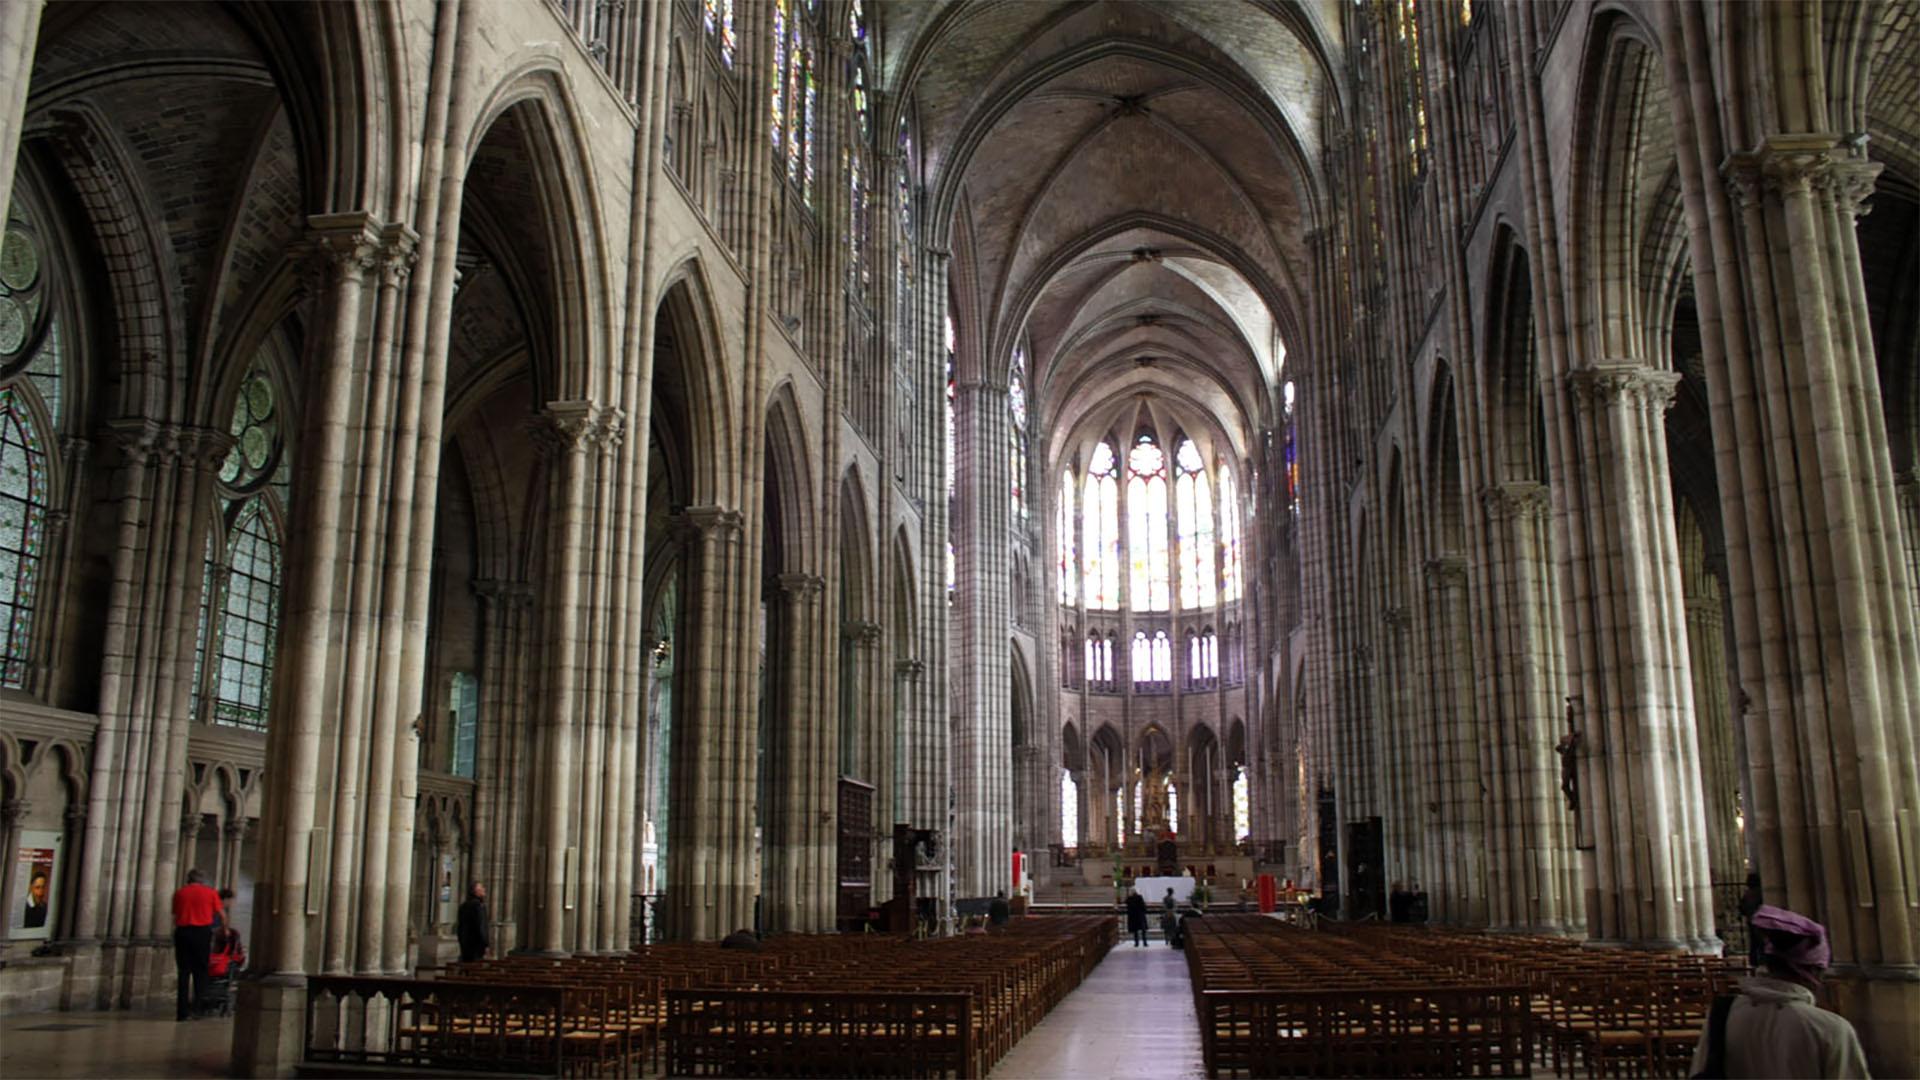 Kirchen in Frankreich, wie hier die Kathedrale von Saint-Denis, sind immer häufiger Ziele von Vandalismus